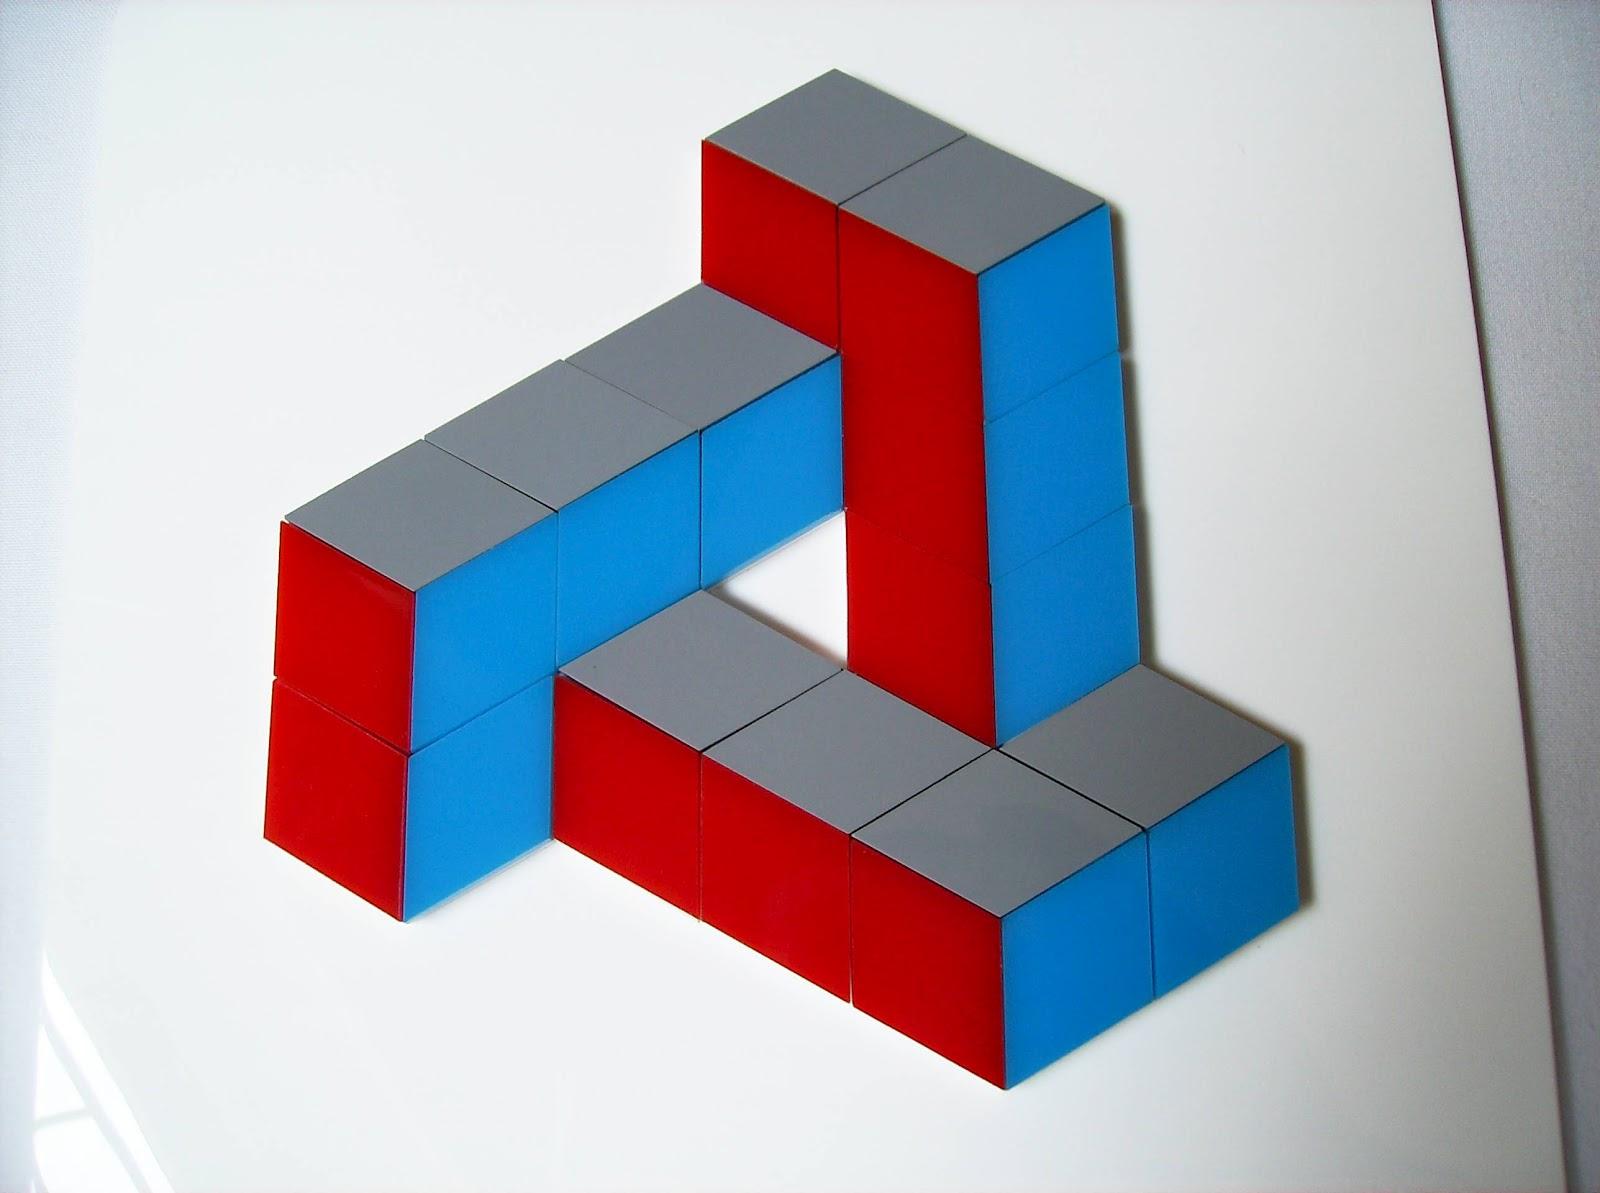 Rodillian Maths 9y Ma3 Fri Sep 28th Using Isometric